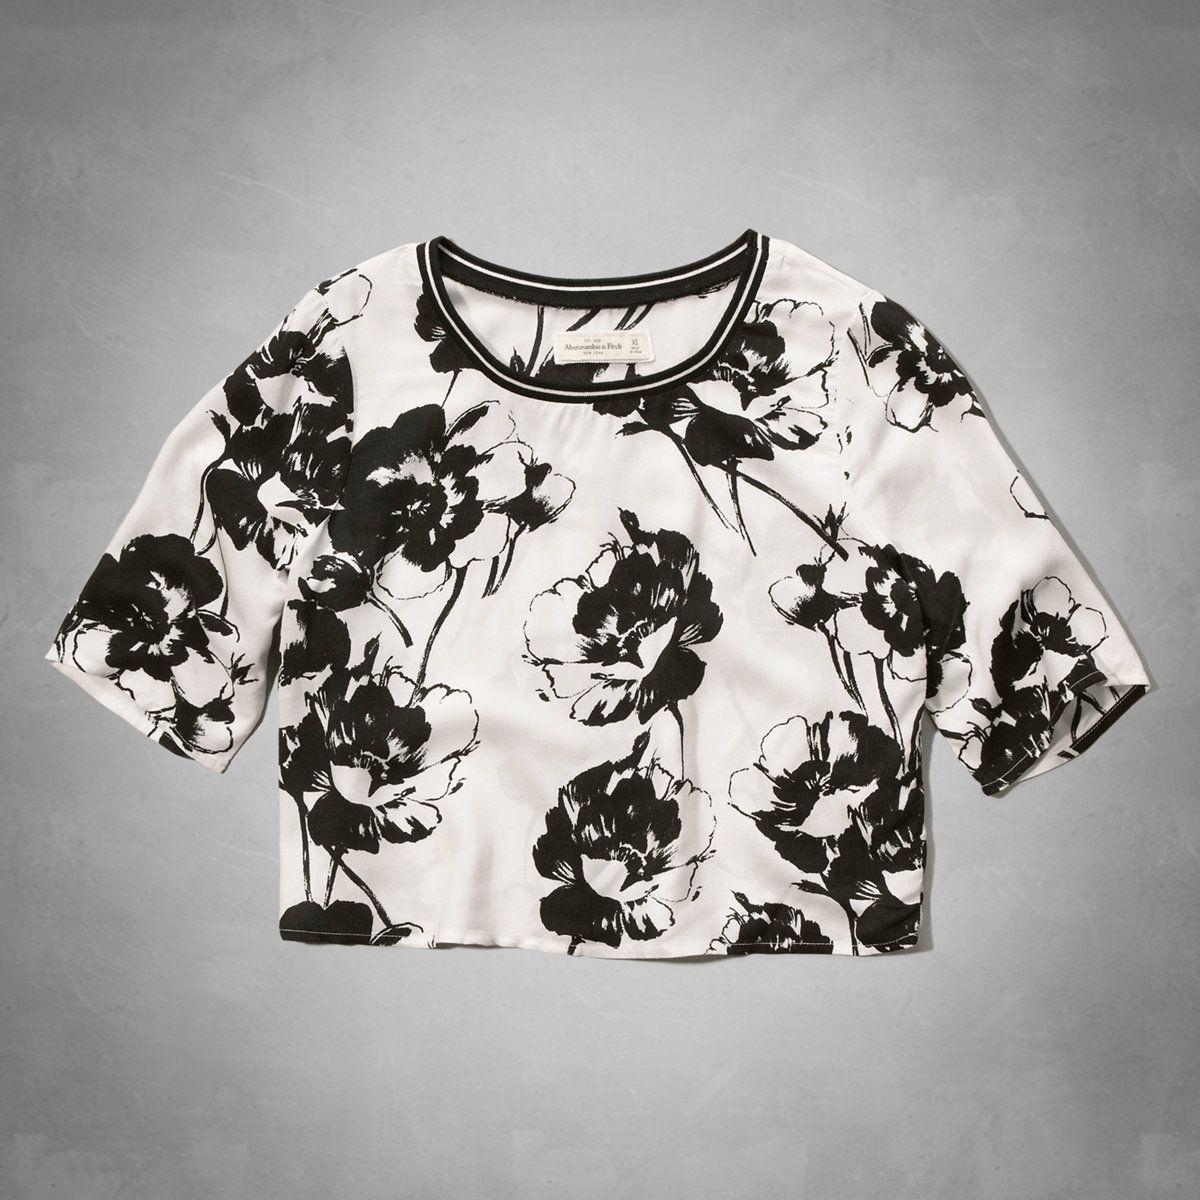 Black & White Floral Crop Top | Abercrombie.com